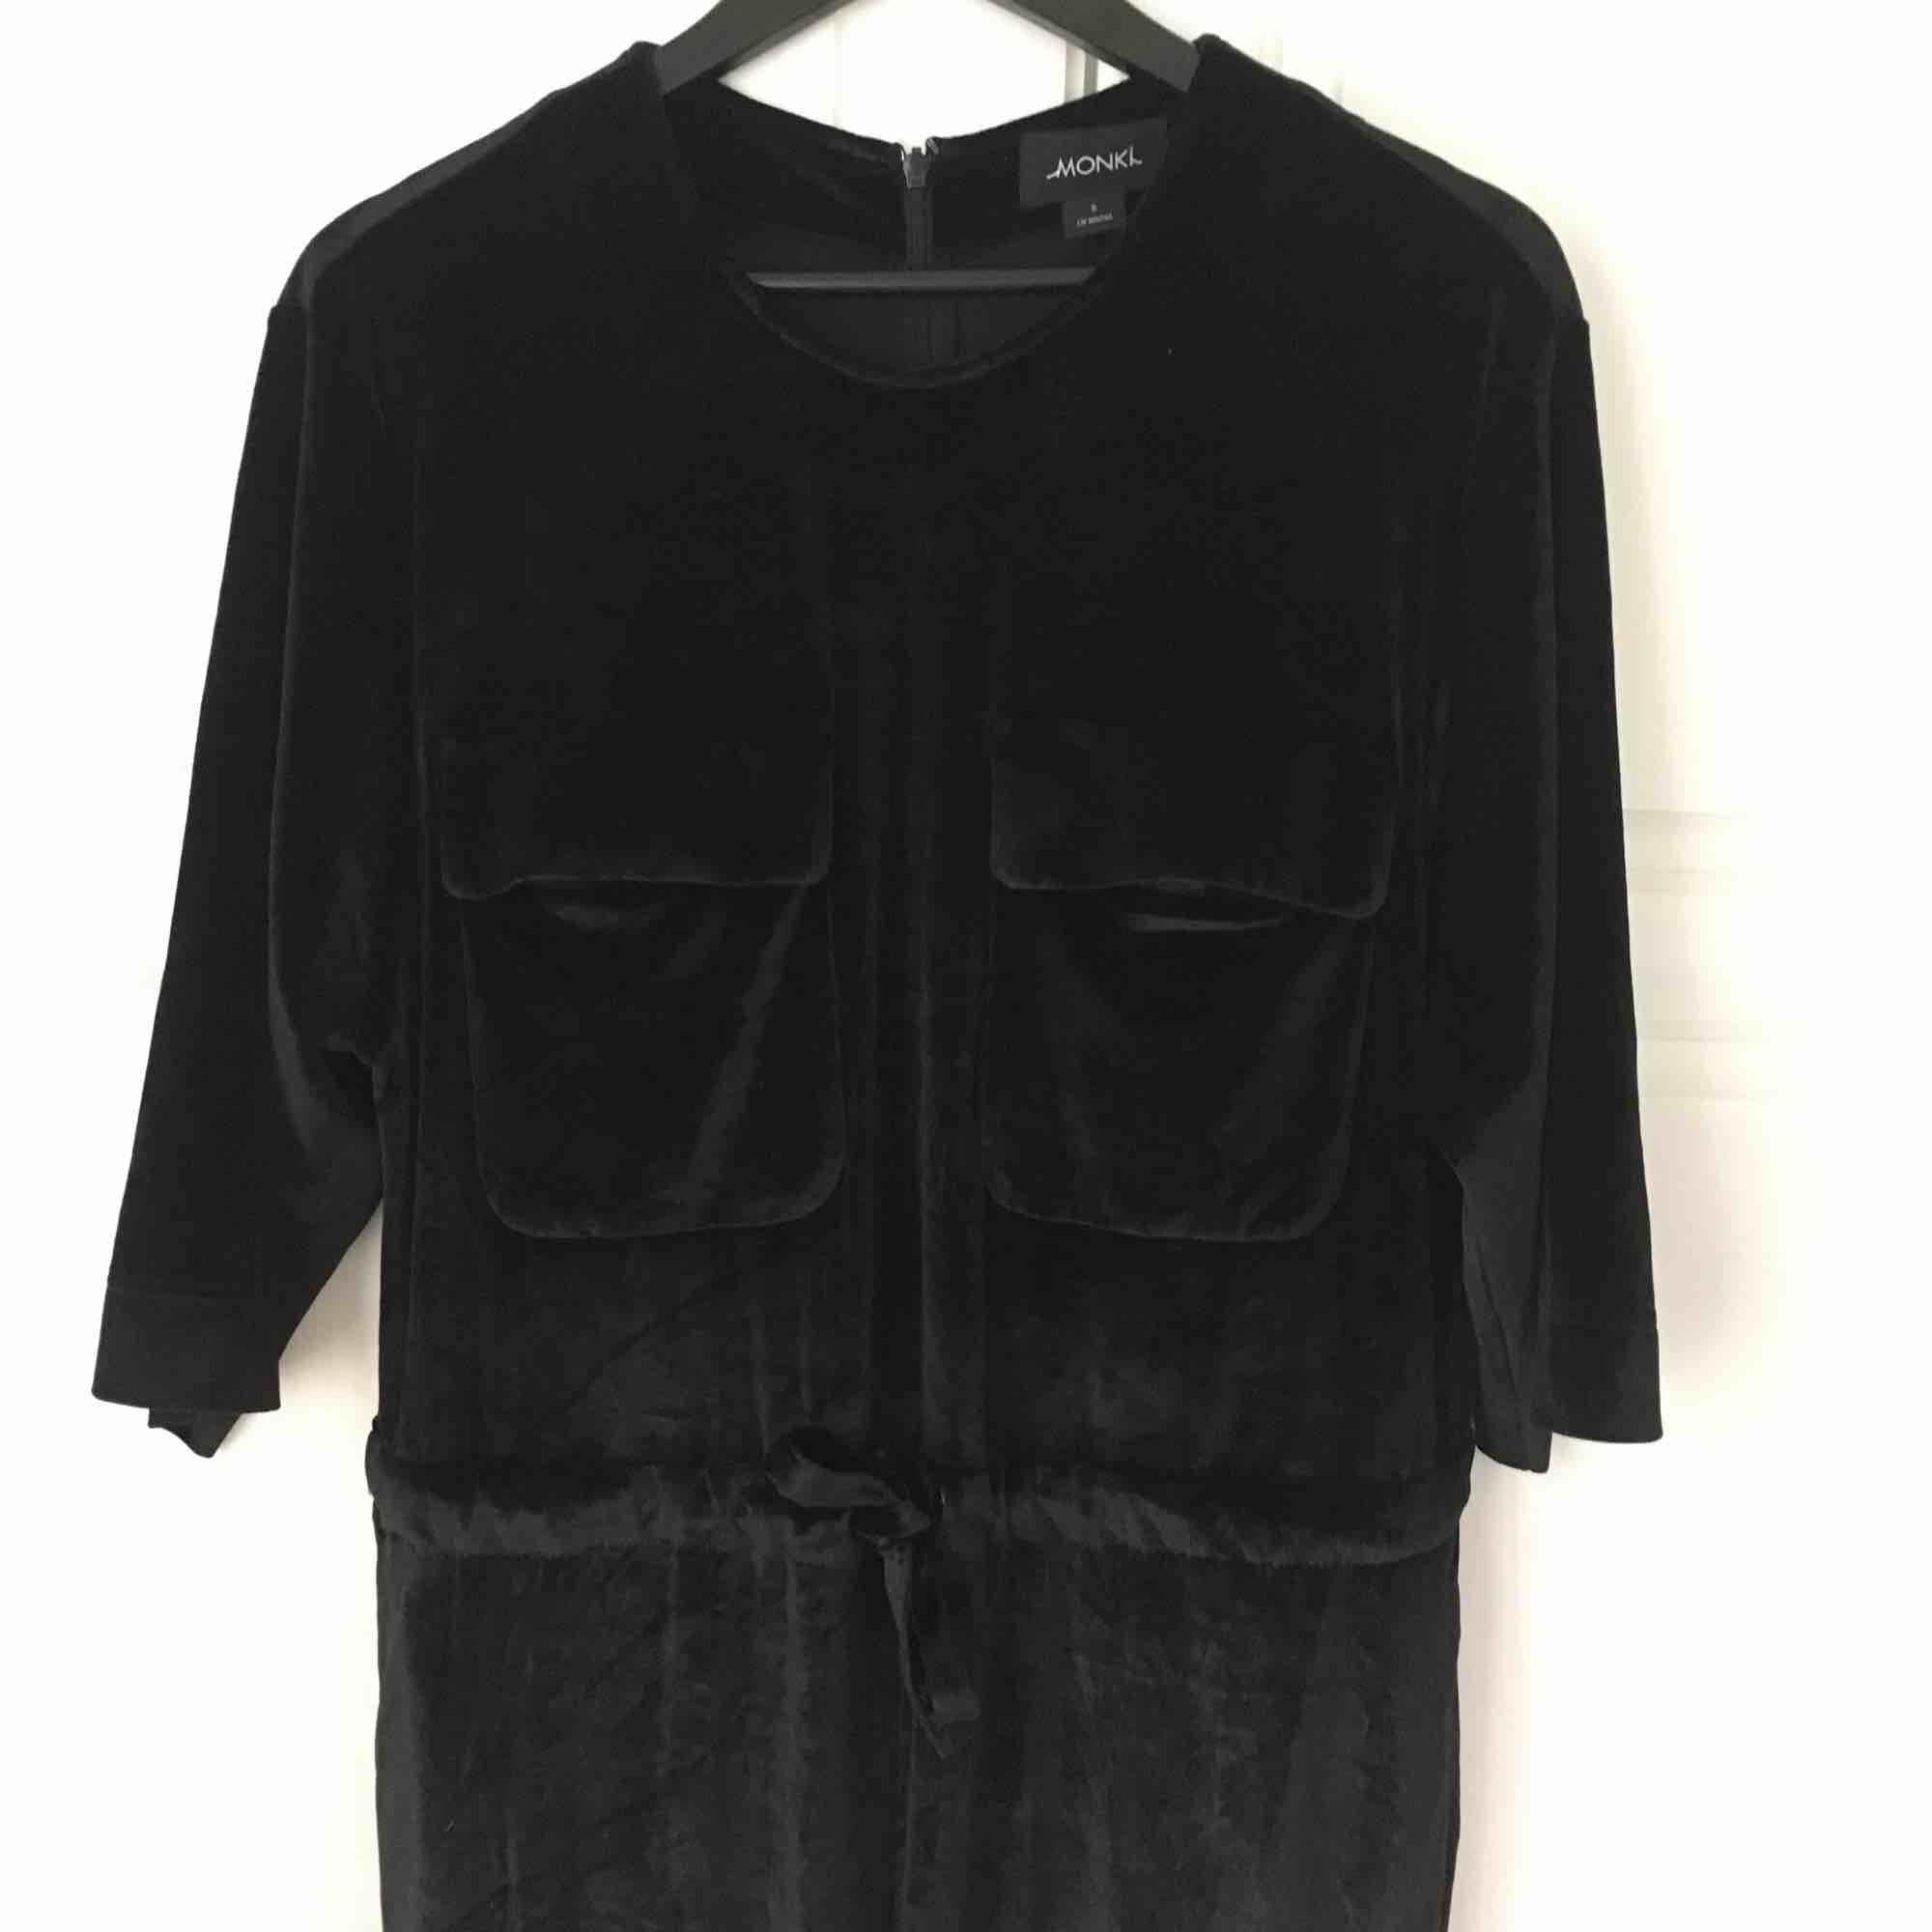 Superskön och härlig byxdress i sammetsmaterial från Monki 🖤 . Jeans & Byxor.